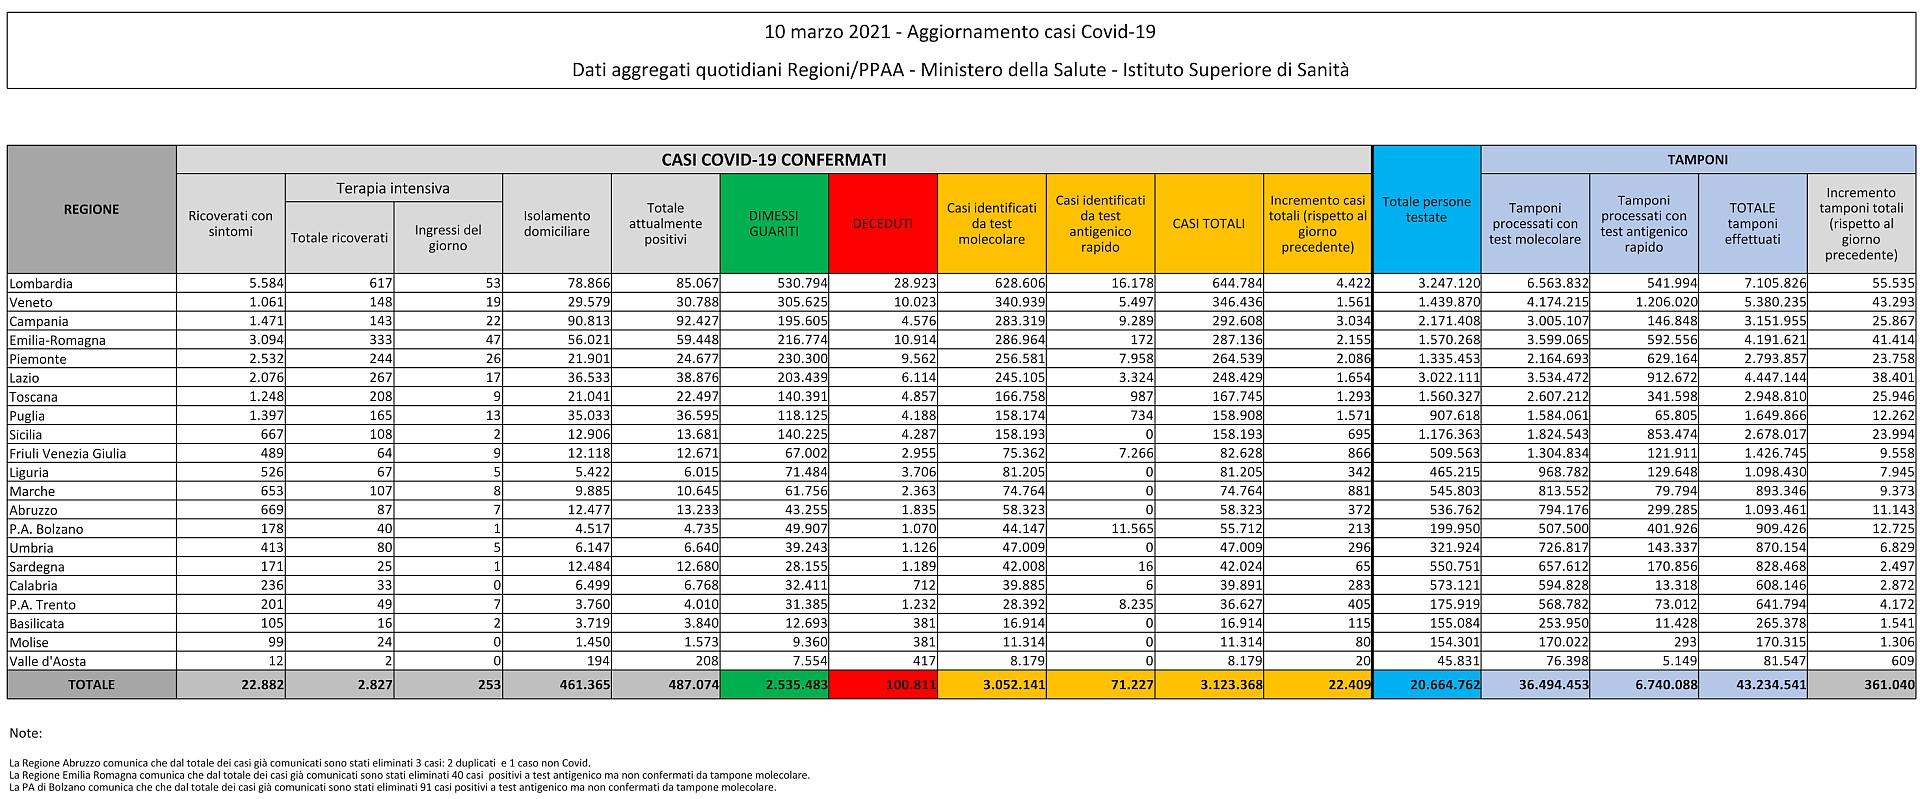 10 marzo 2021 - Aggiornamento casi Covid-19 Dati aggregati quotidiani Regioni/PPAA - Ministero della Salute - Istituto Superiore di Sanità